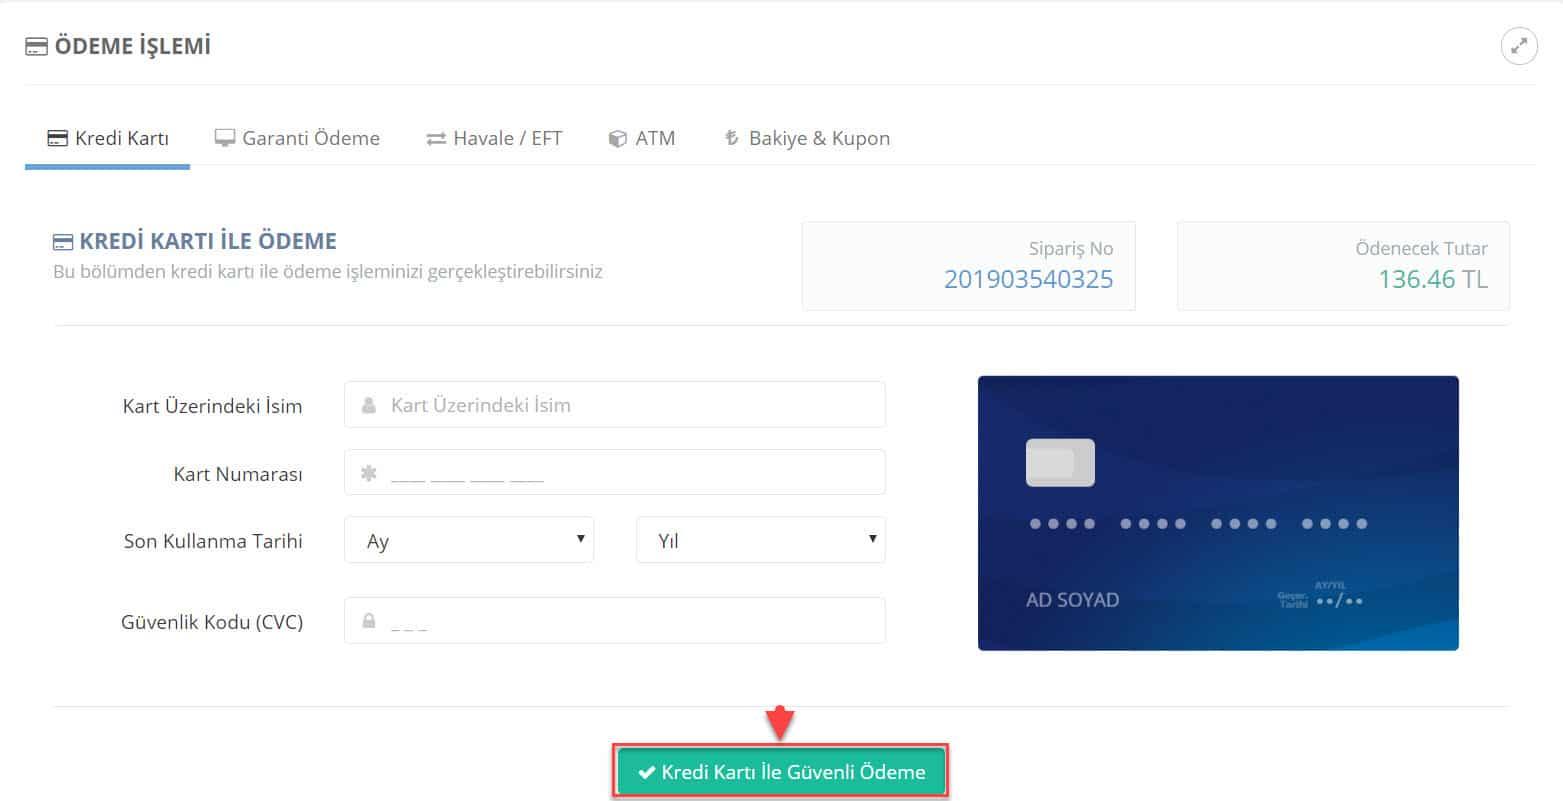 Turhost.com'dan hosting paketi satın alırken sadece kredi kartı ile değil, ATM'den, Garanti internet şubesinden ya da Havale-EFT ile de ödeme yapabilirsiniz.